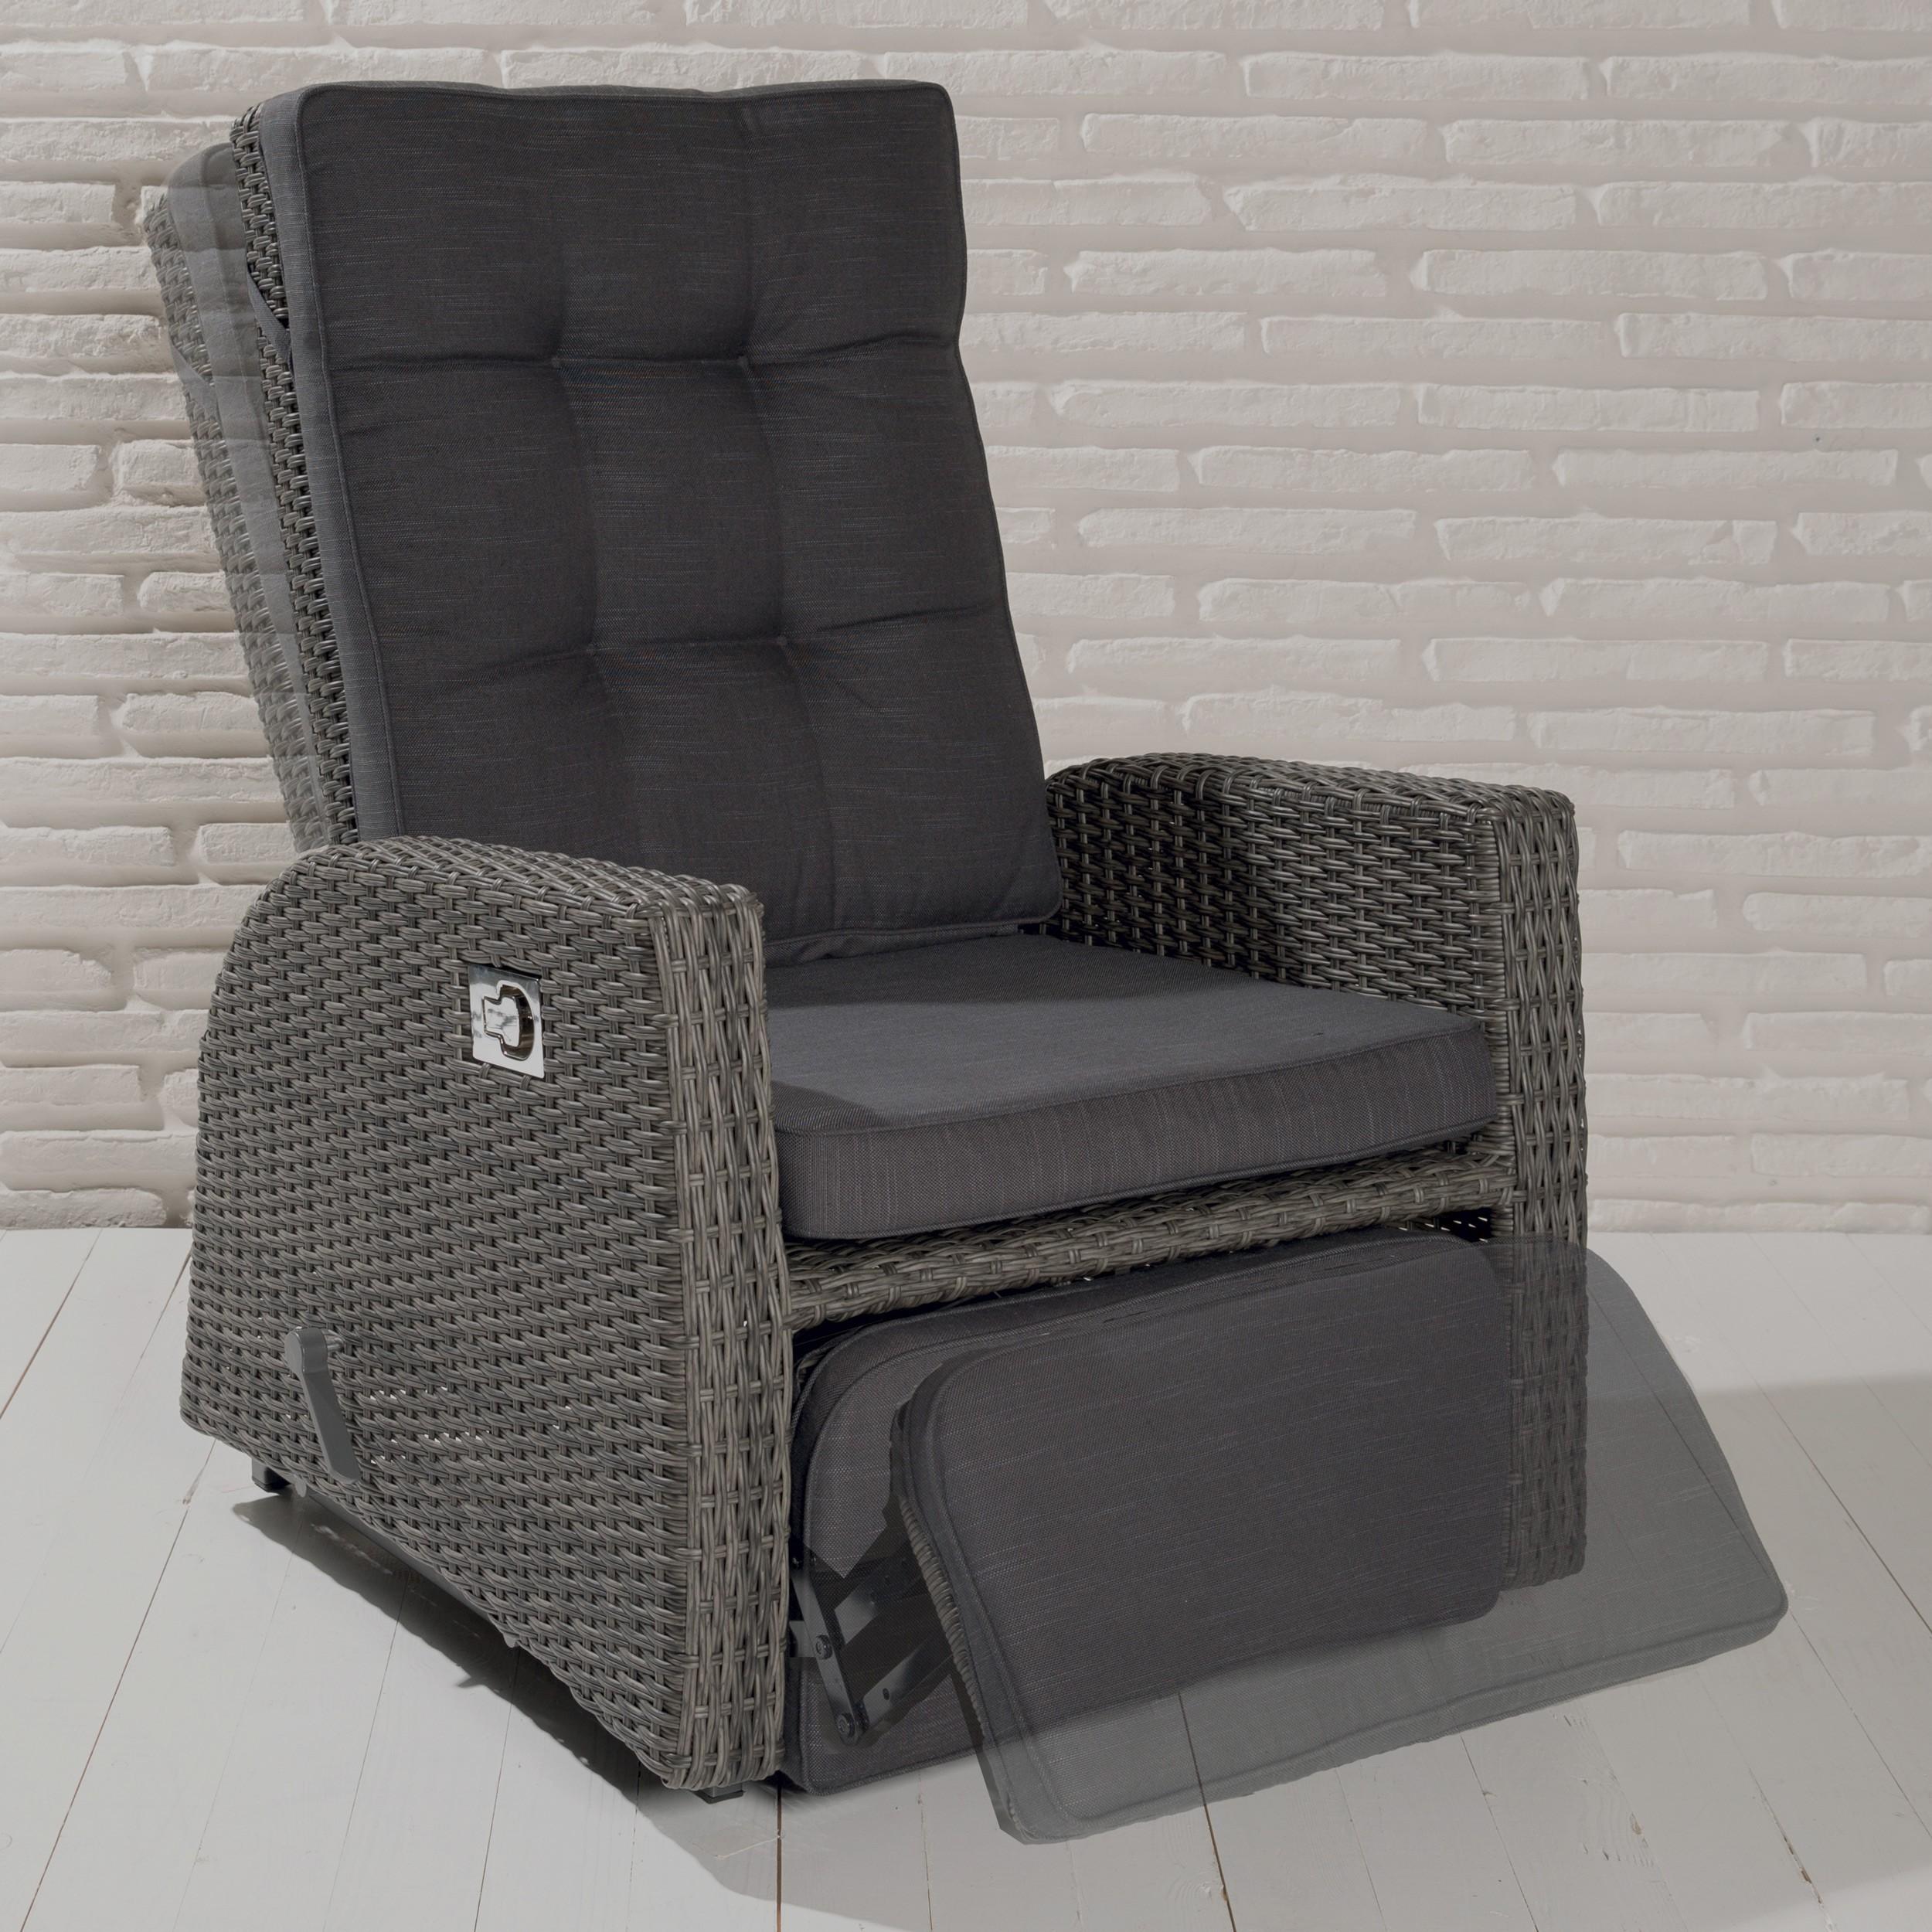 VIP Gartensessel Barcelona Grau Mix Sessel Polyrattan Living Sessel  Relaxsessel | EBay